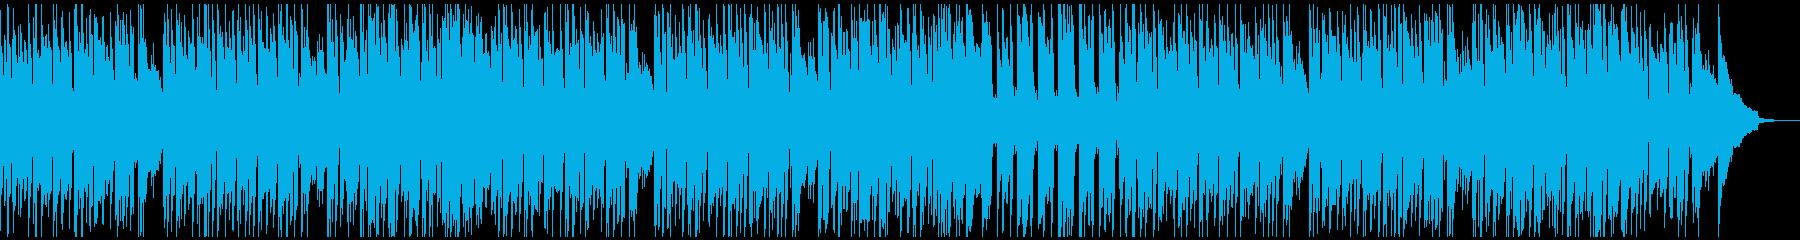 穏やかな日常のシーンをイメージした曲の再生済みの波形